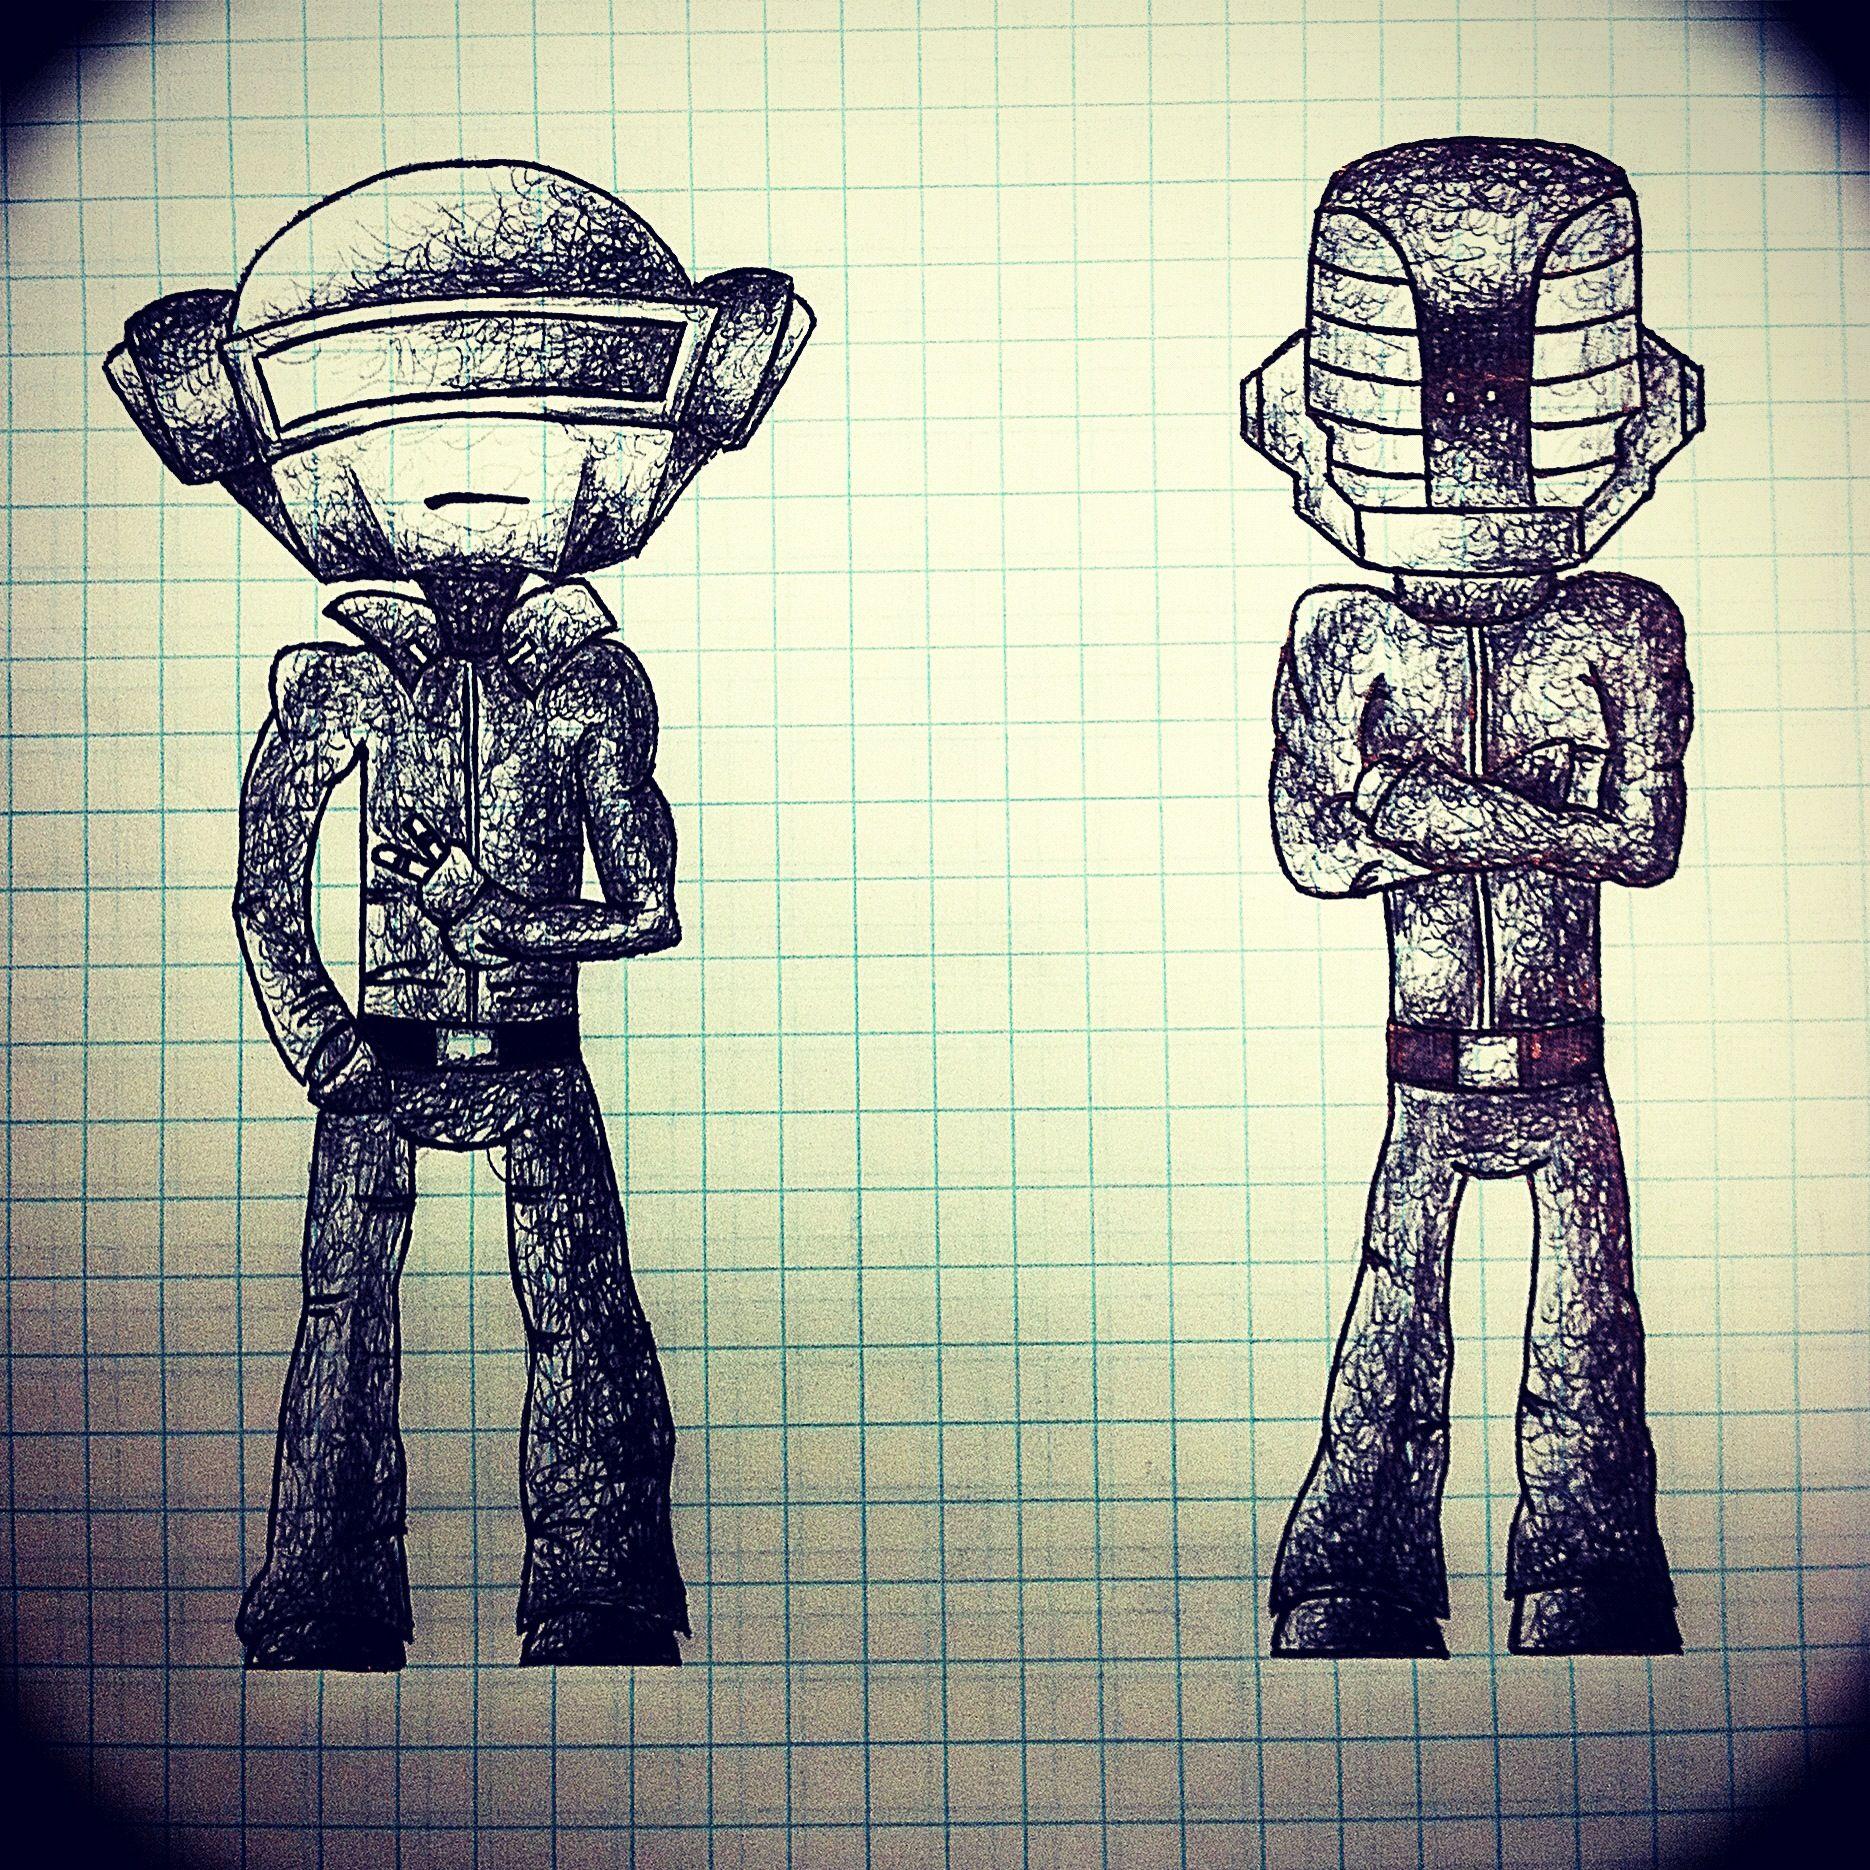 Techno Siiick( Daft Punkelectronic